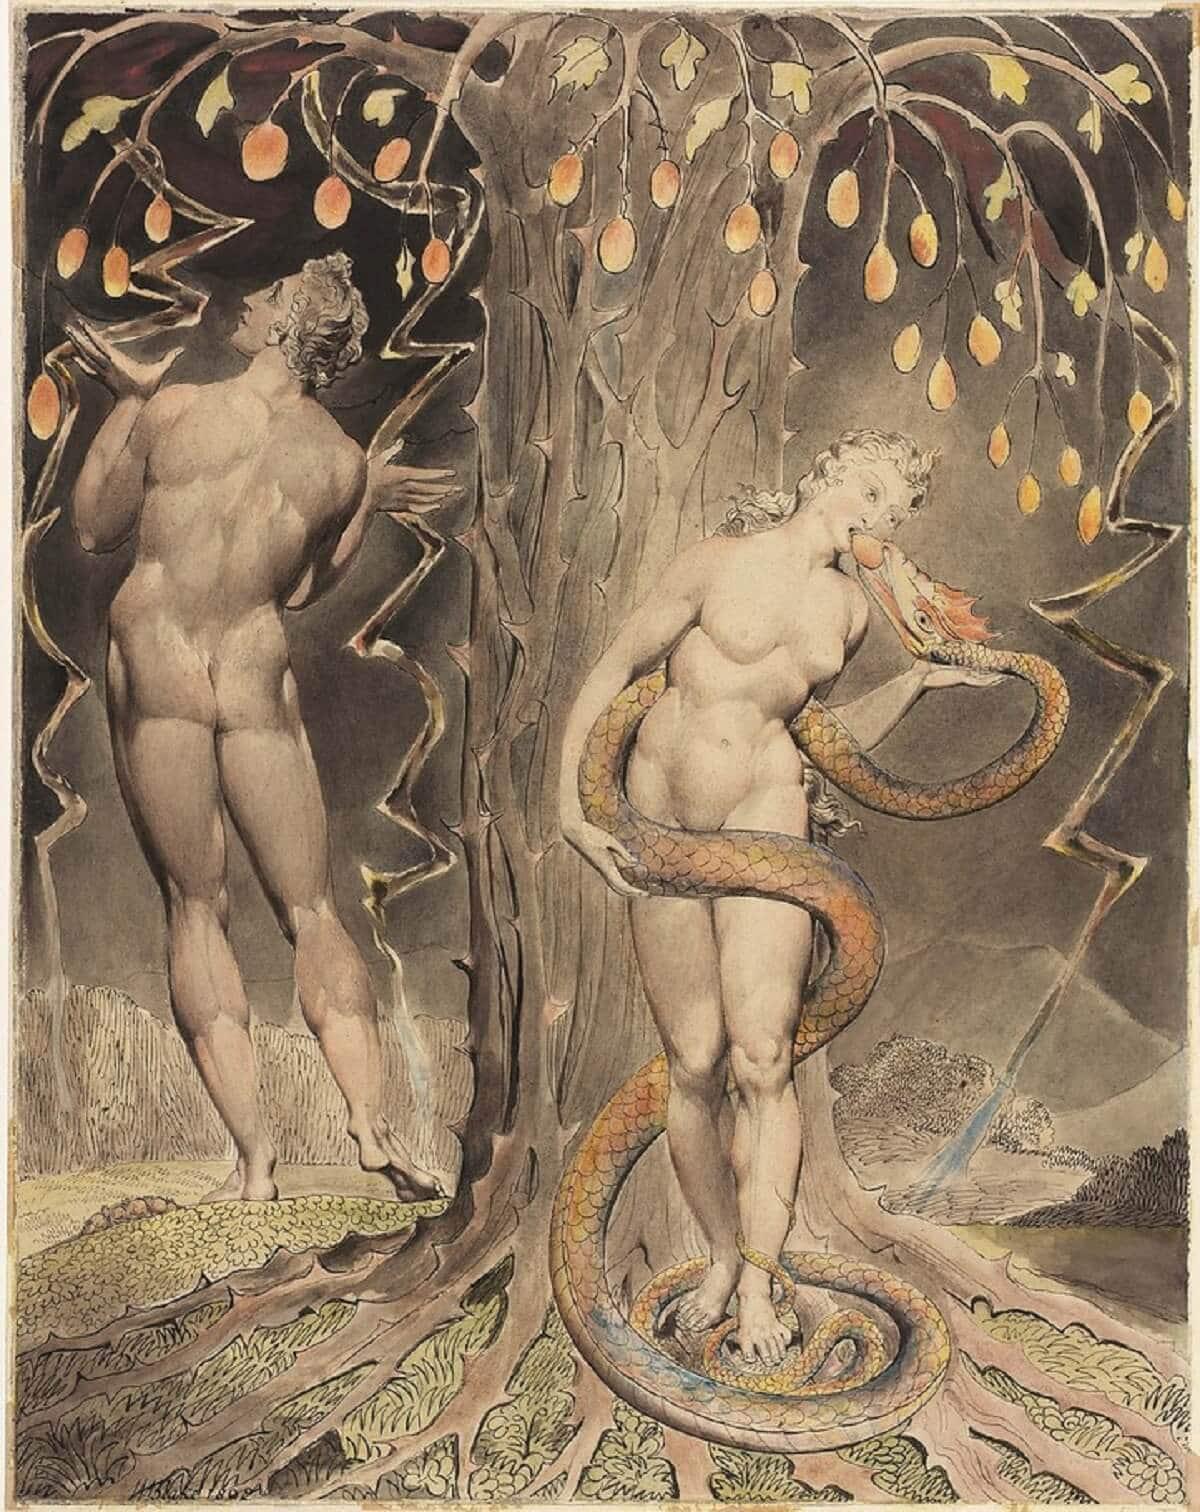 mitológia világnézet történelmi típusa gyenge látással lehet futni